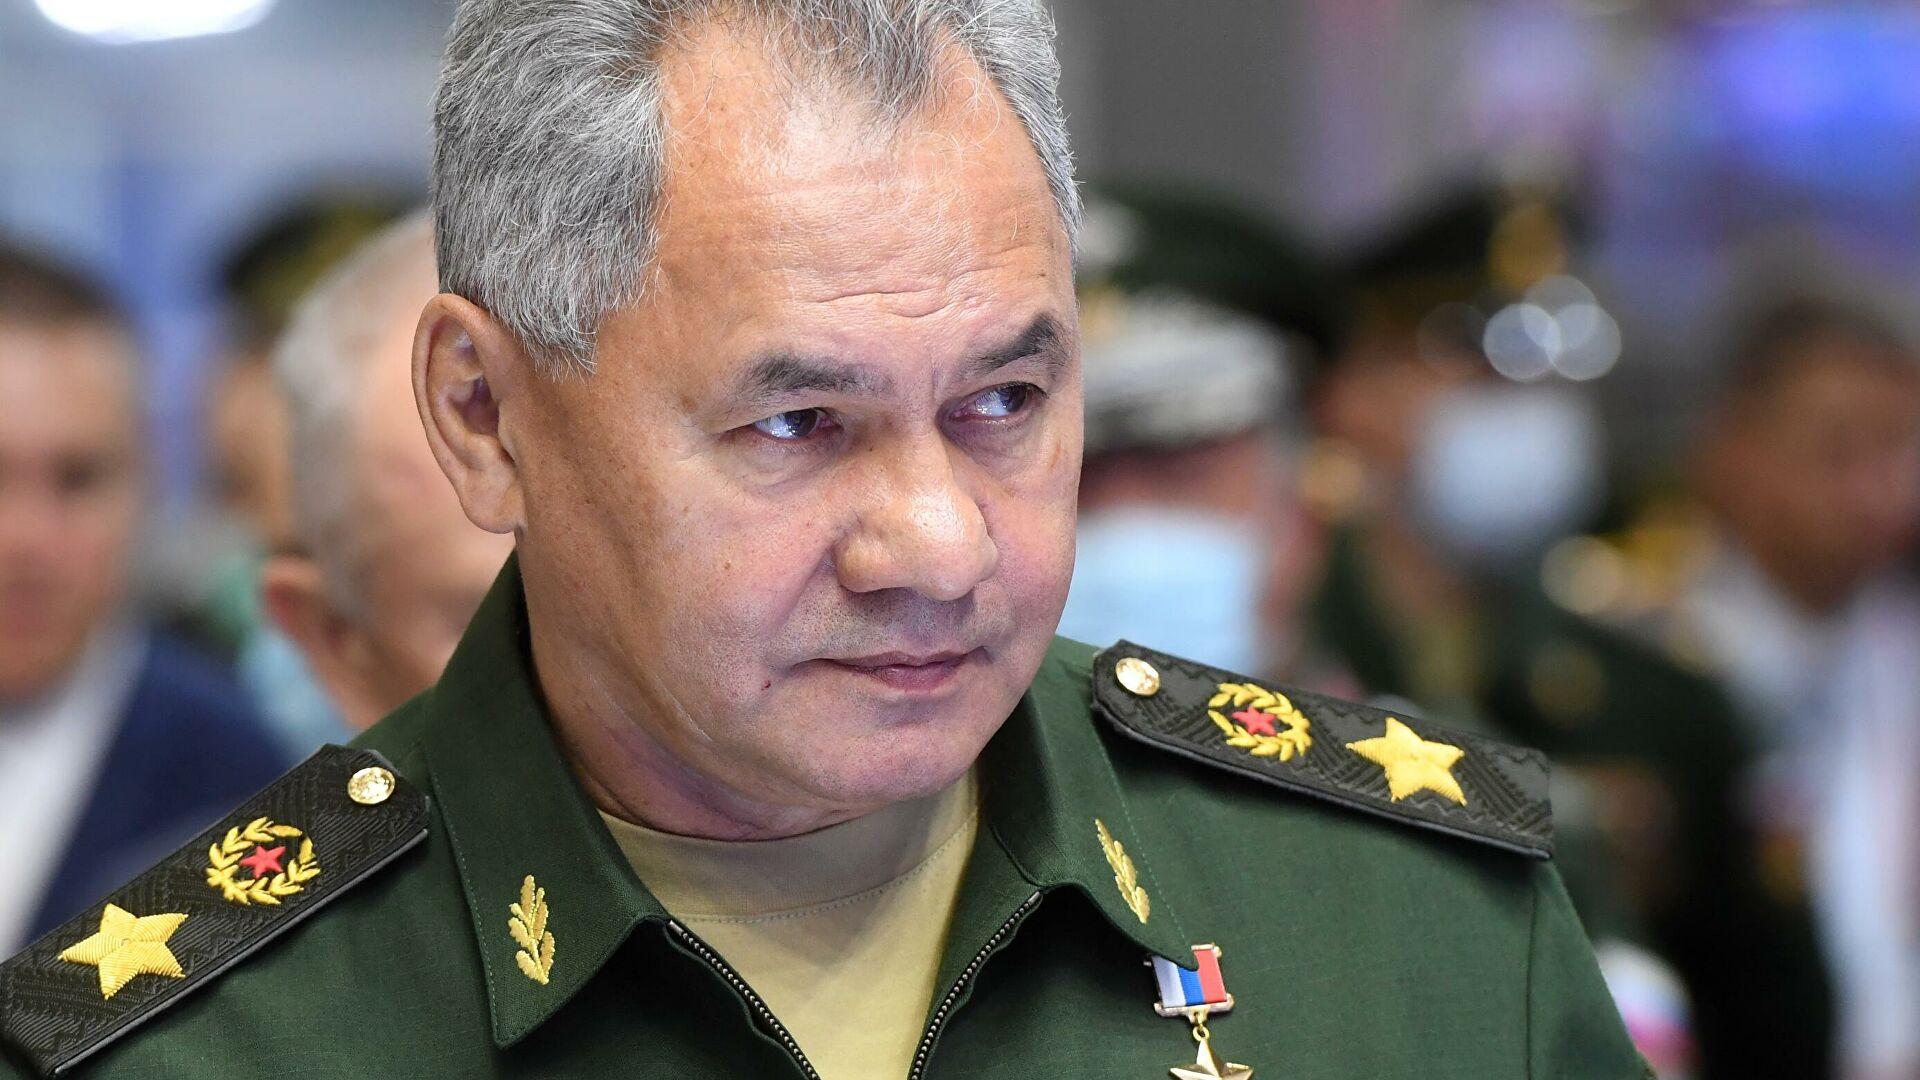 Шојгу: Русија ће бесплатно испоручивати оружје и опрему Таџикистану у циљу одбијања терористичких претњи из Авганистана